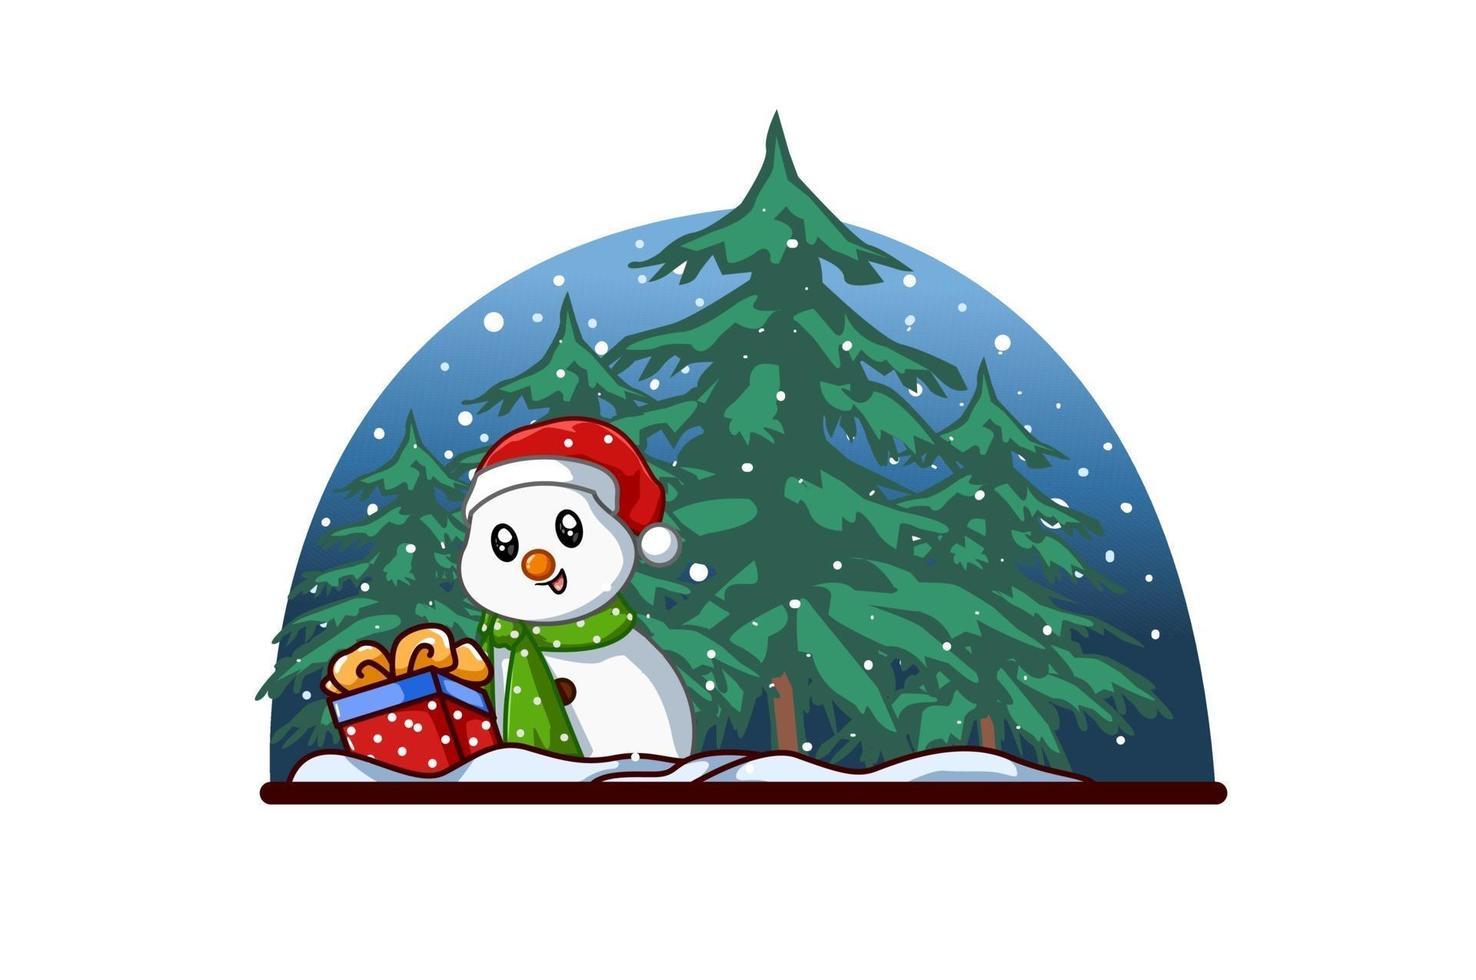 pequeno boneco de neve com um presente de natal na floresta à noite vetor